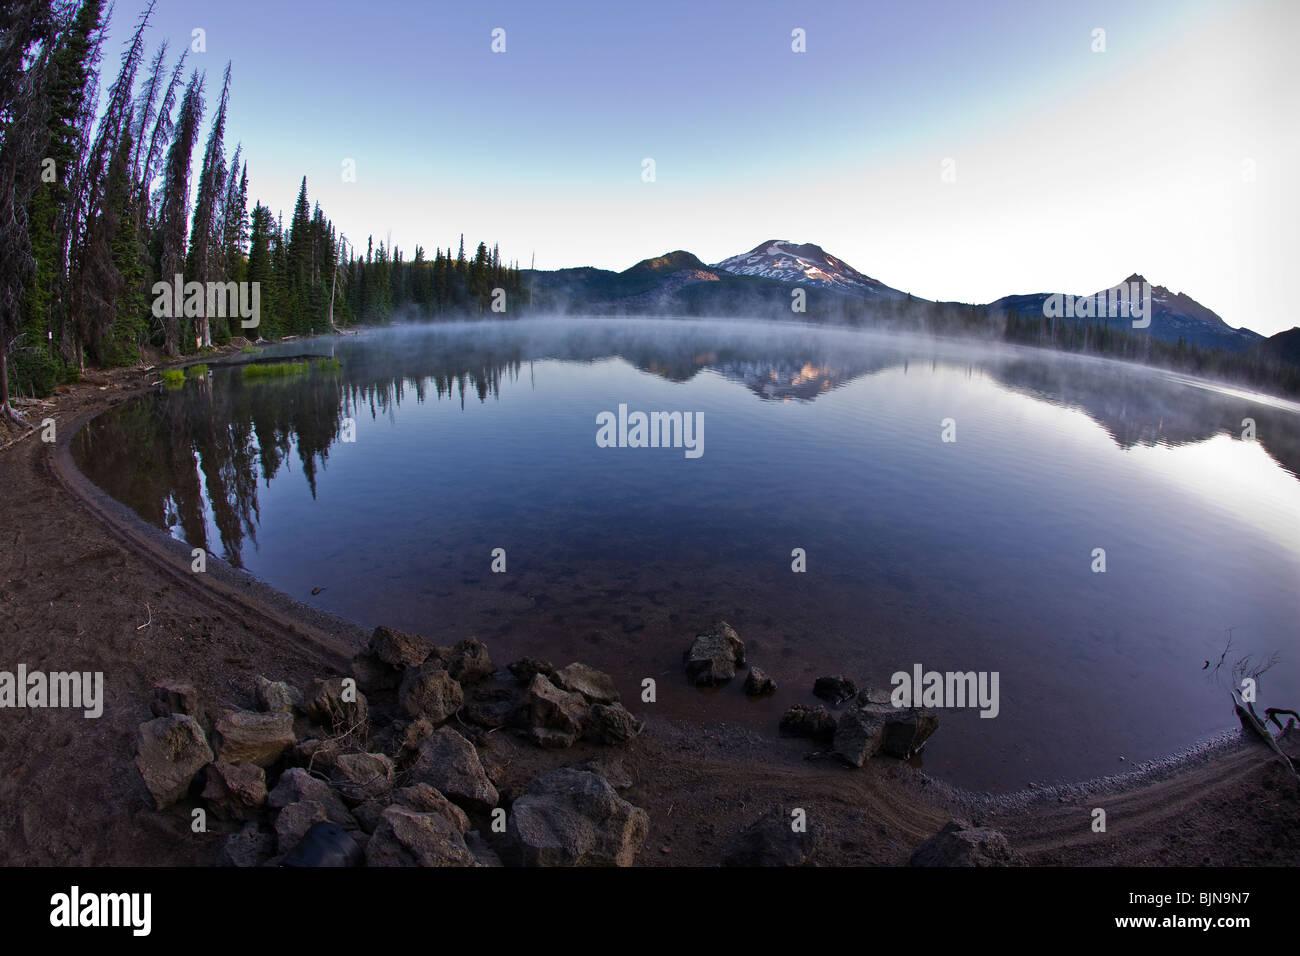 La formazione di scintille lago, OREGON, Stati Uniti d'America - South Sister sul Lago di scintille all'alba. Immagini Stock